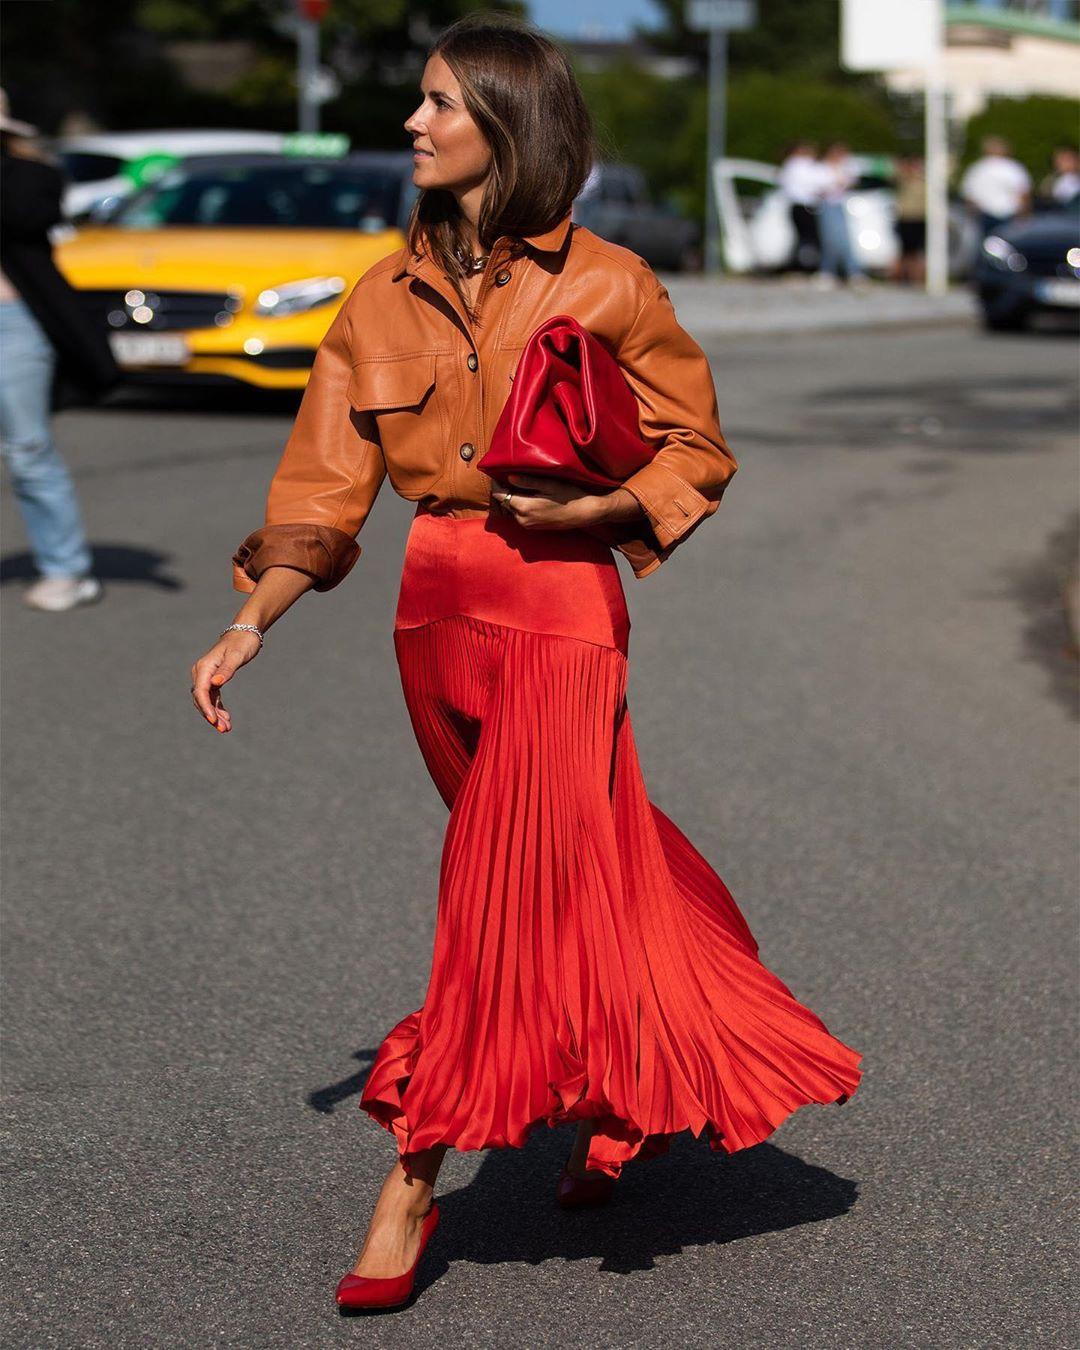 Túi xách đỏ cỡ lớn cầm tay, chân váy xếp ly đỏ